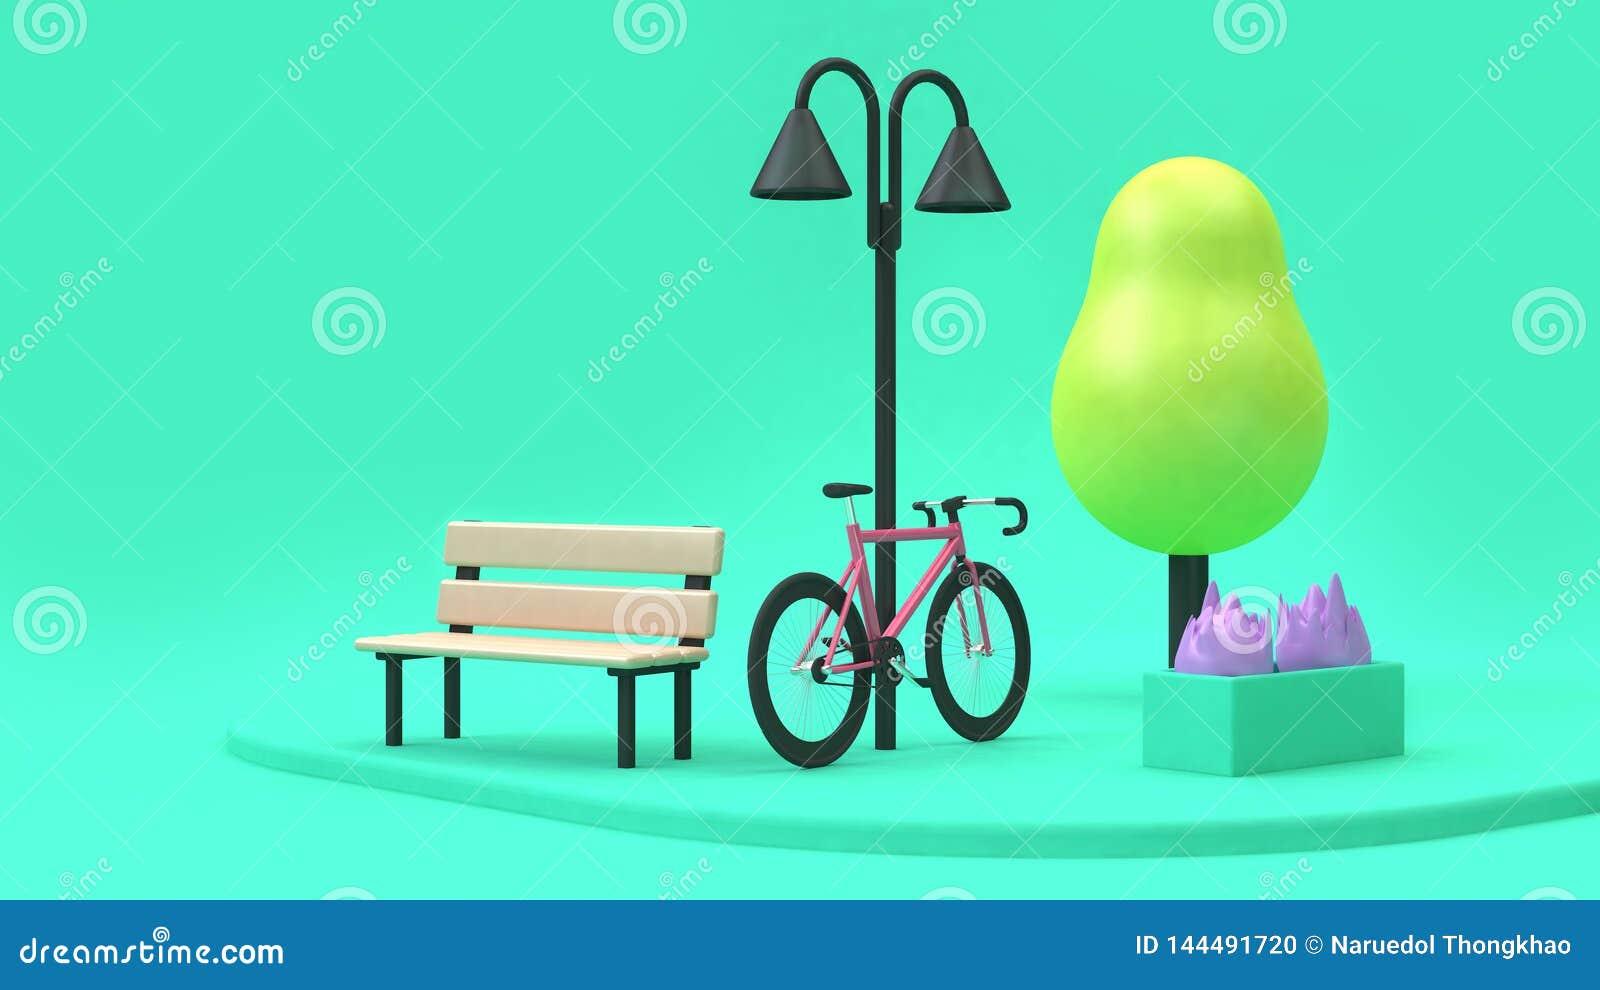 El estilo rosado de la historieta de la bicicleta en los parques verdes 3d mínimo rinde concepto de la ciudad del ambiente de la